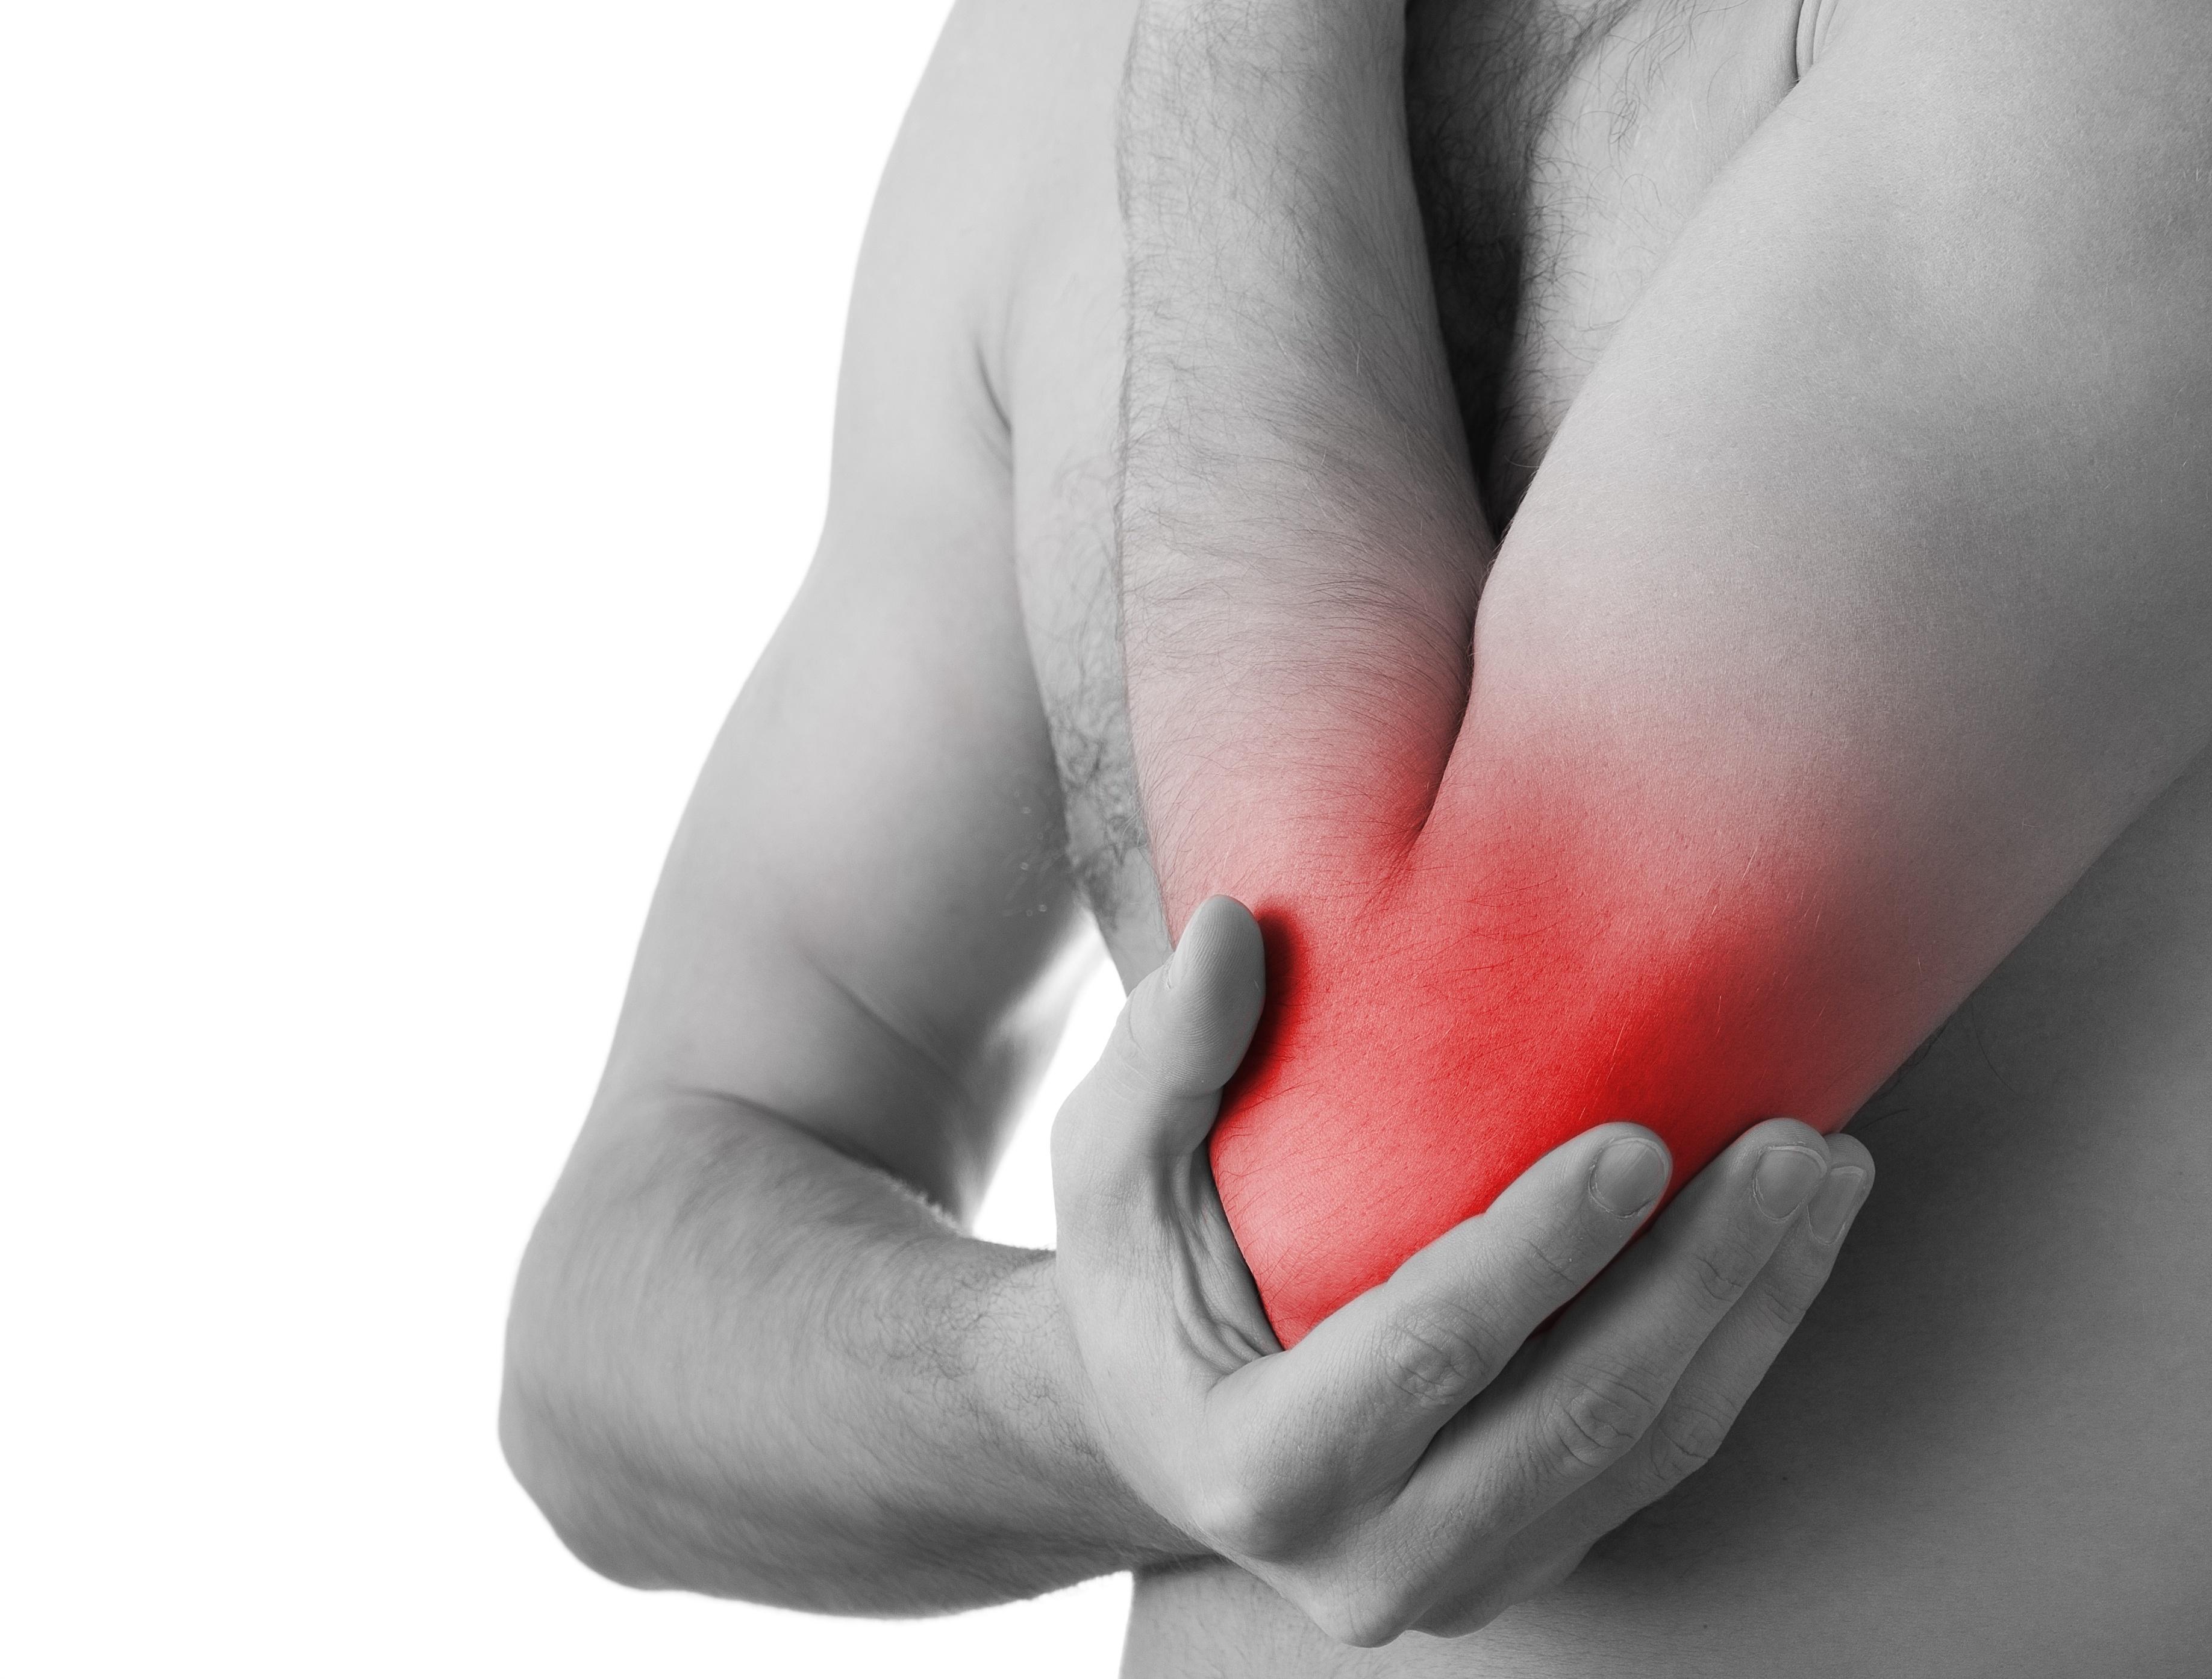 rizsvasa ízületi fájdalmakhoz folyadék a térdízület kezelés szuprapateláris tasakjában